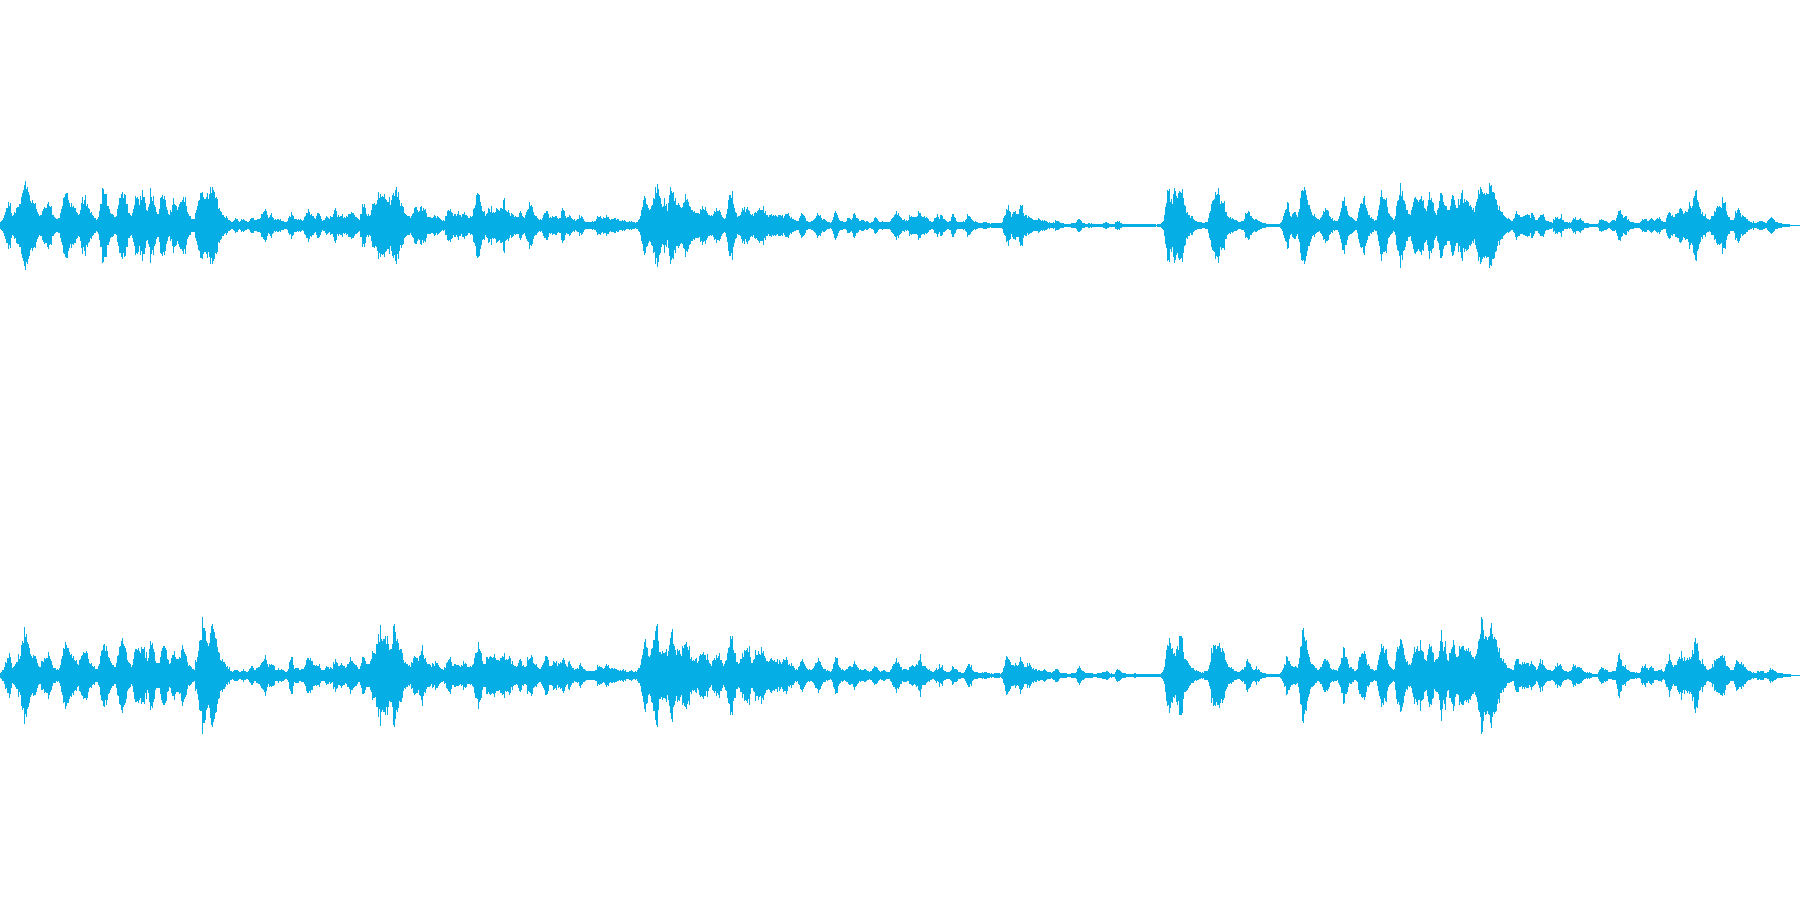 怪物がひしめく洞窟(恐ろしい声が響く)の再生済みの波形